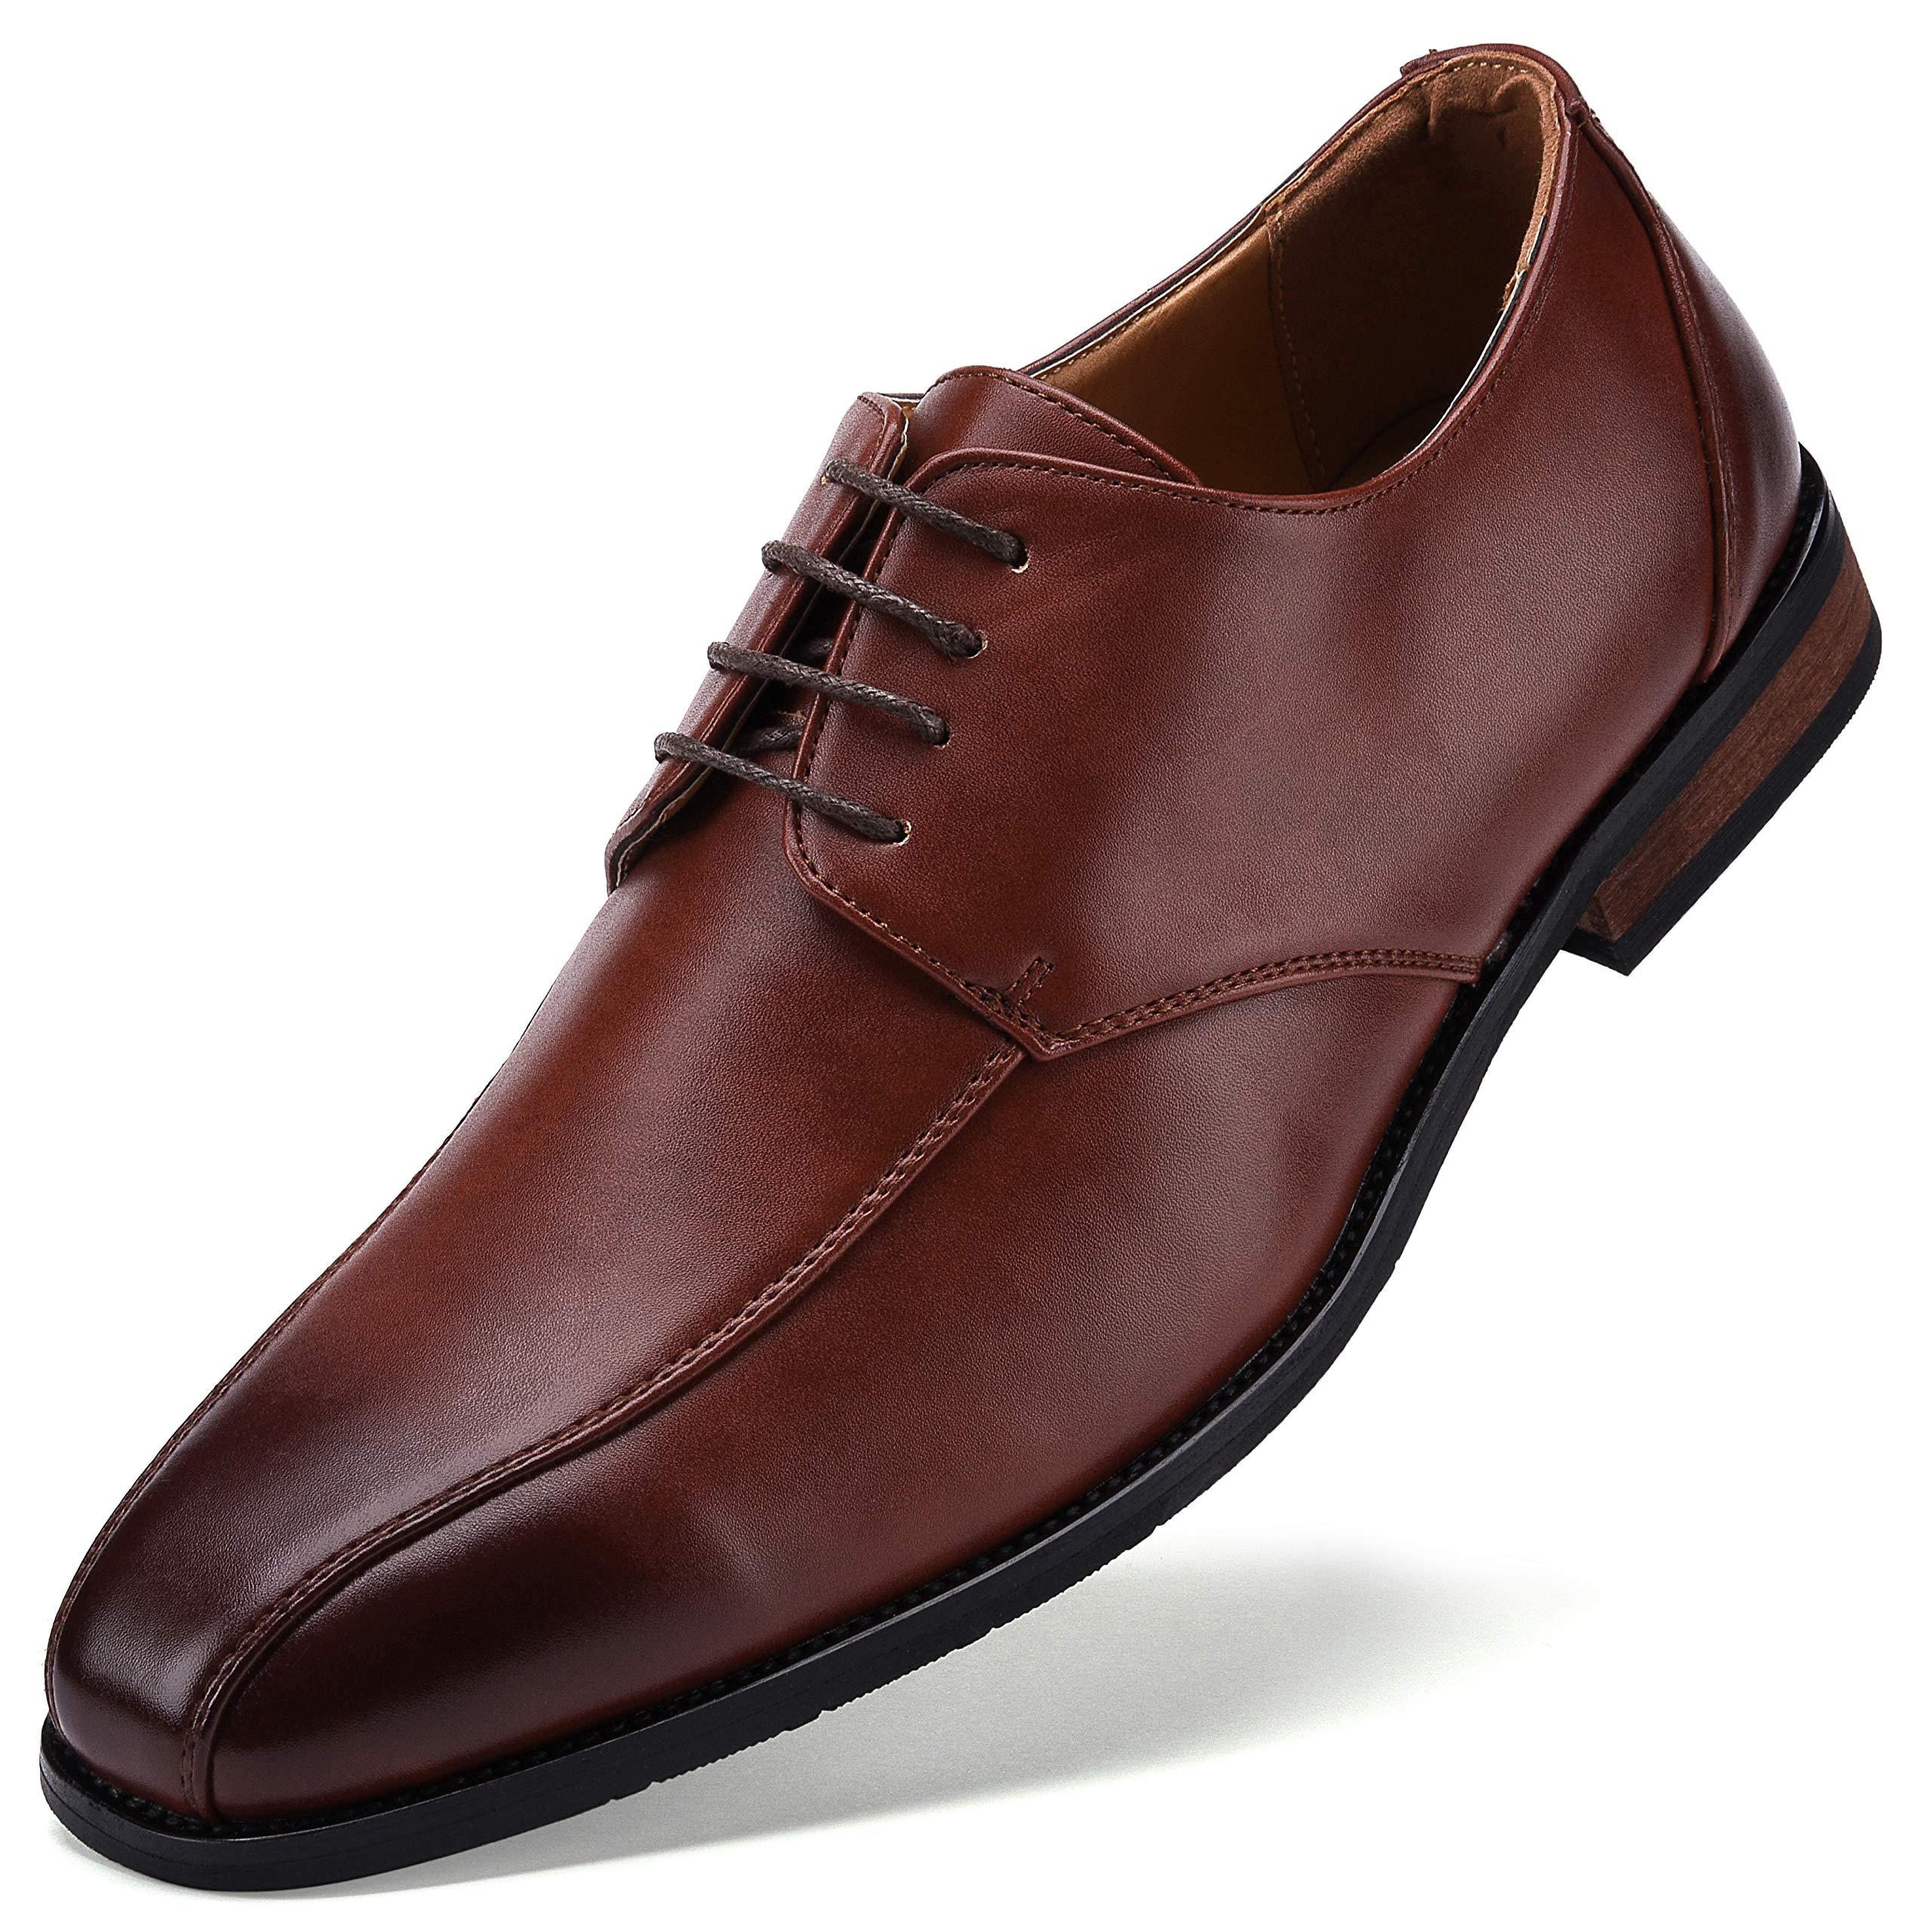 Marginal Oxford Shoe Umber US-9.5D(M)   UK-42-43   EU-9